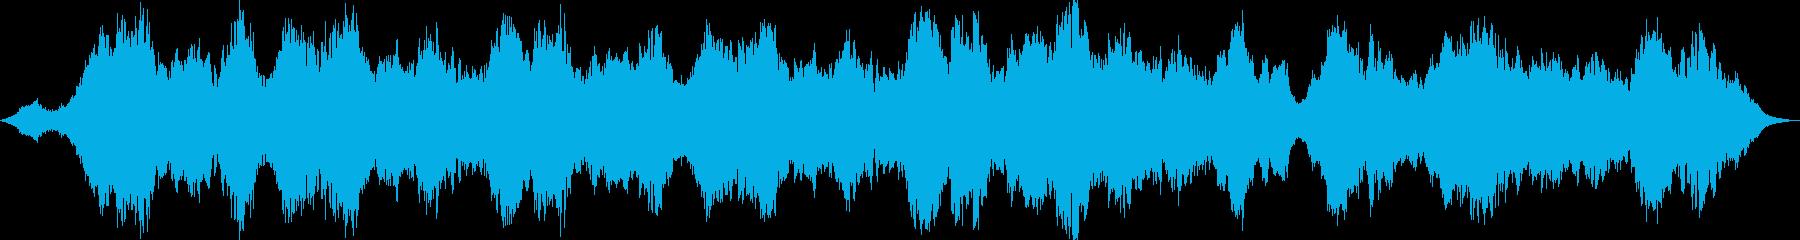 波の音と回想の再生済みの波形